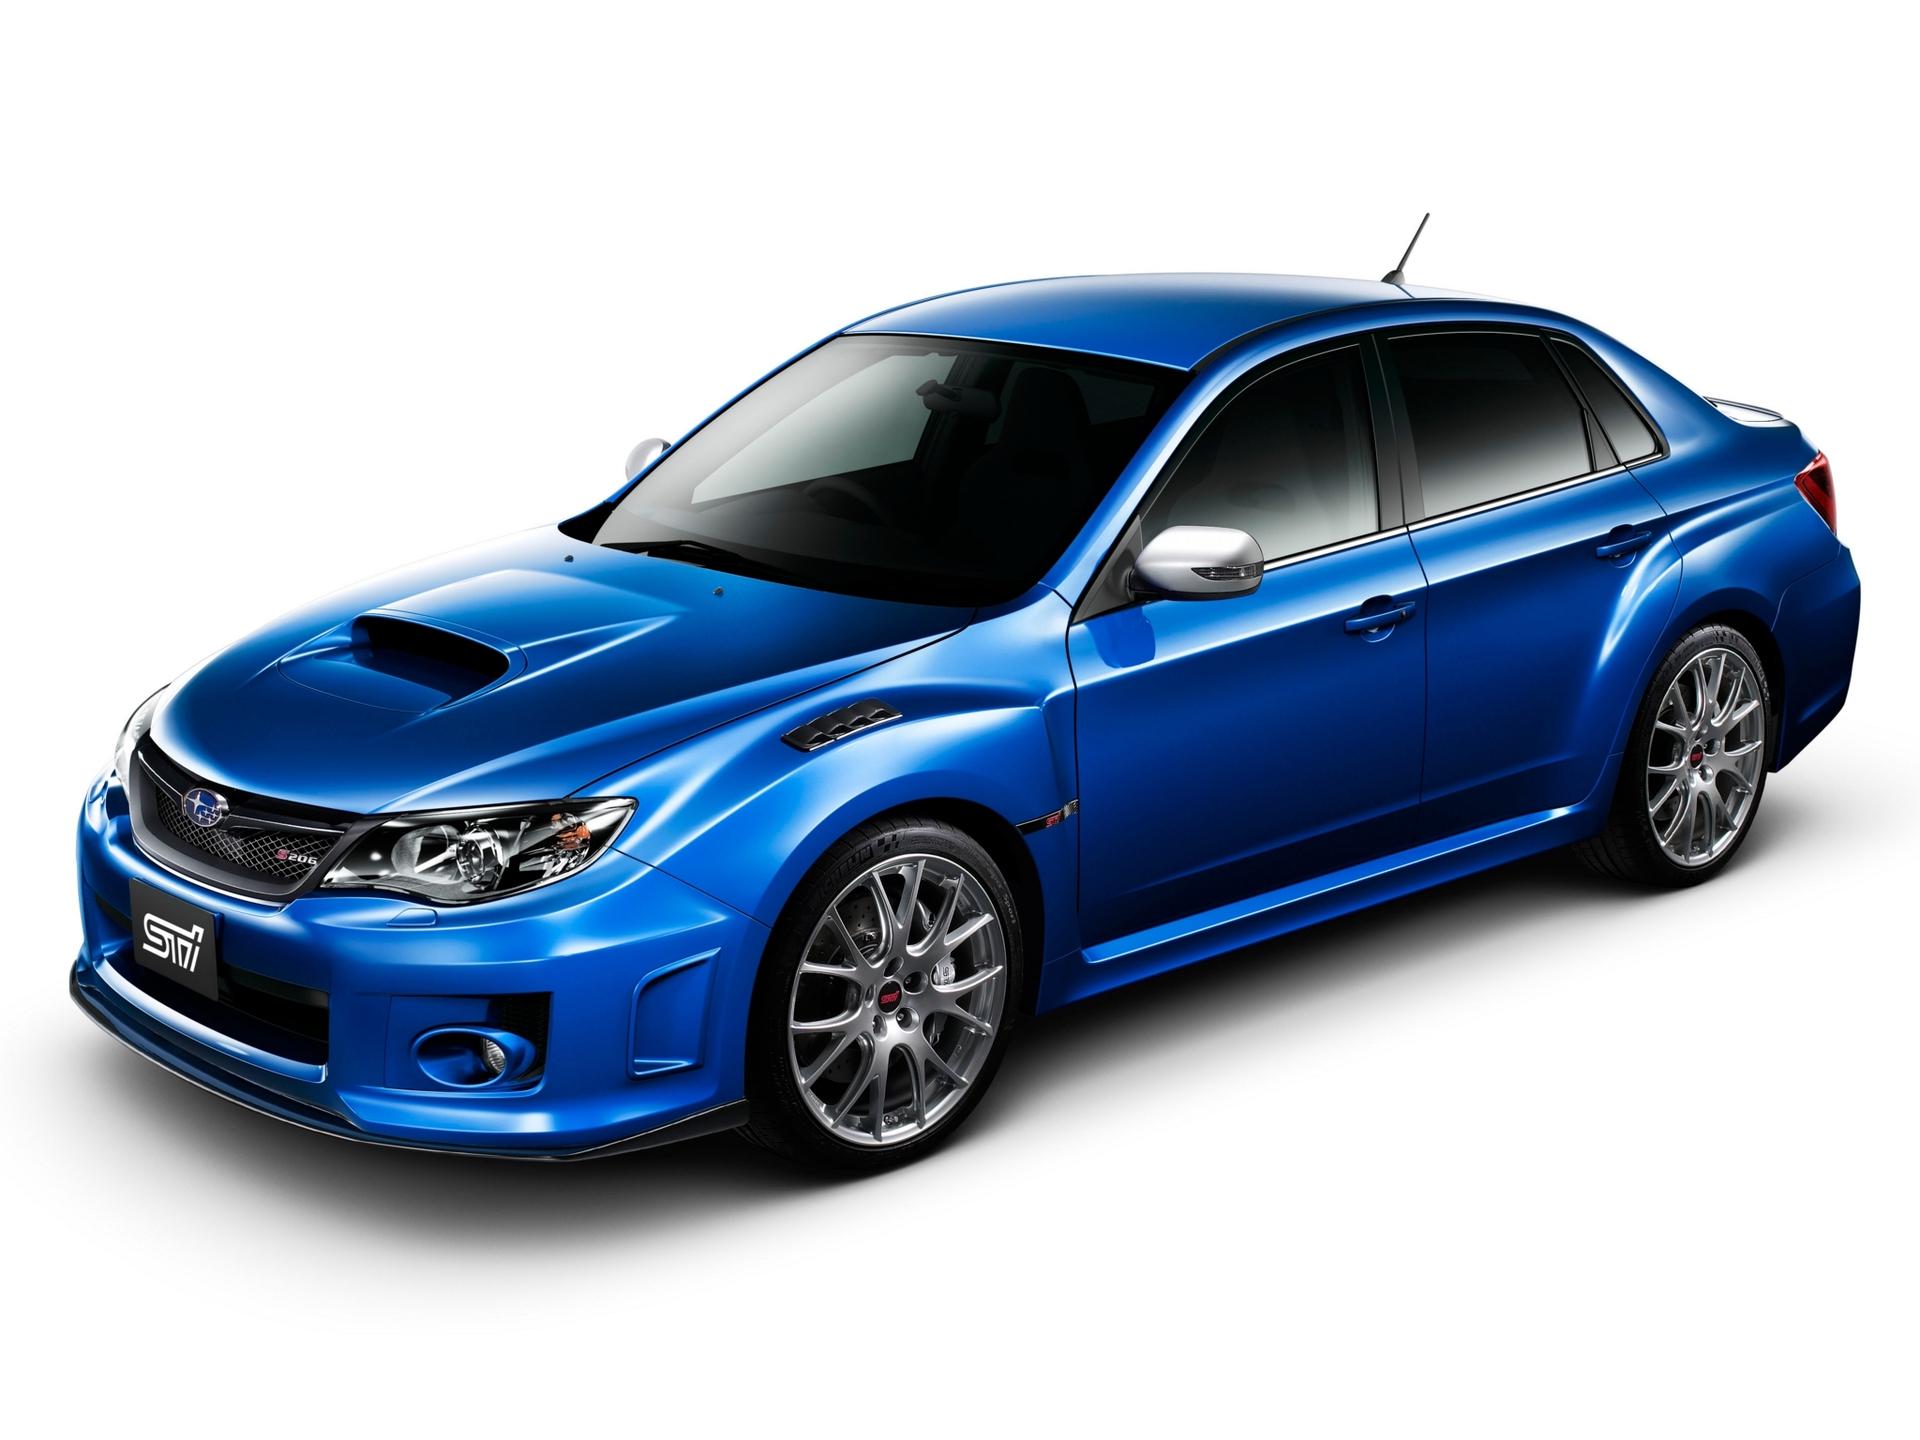 Subaru_Impreza_STI_S206_0001